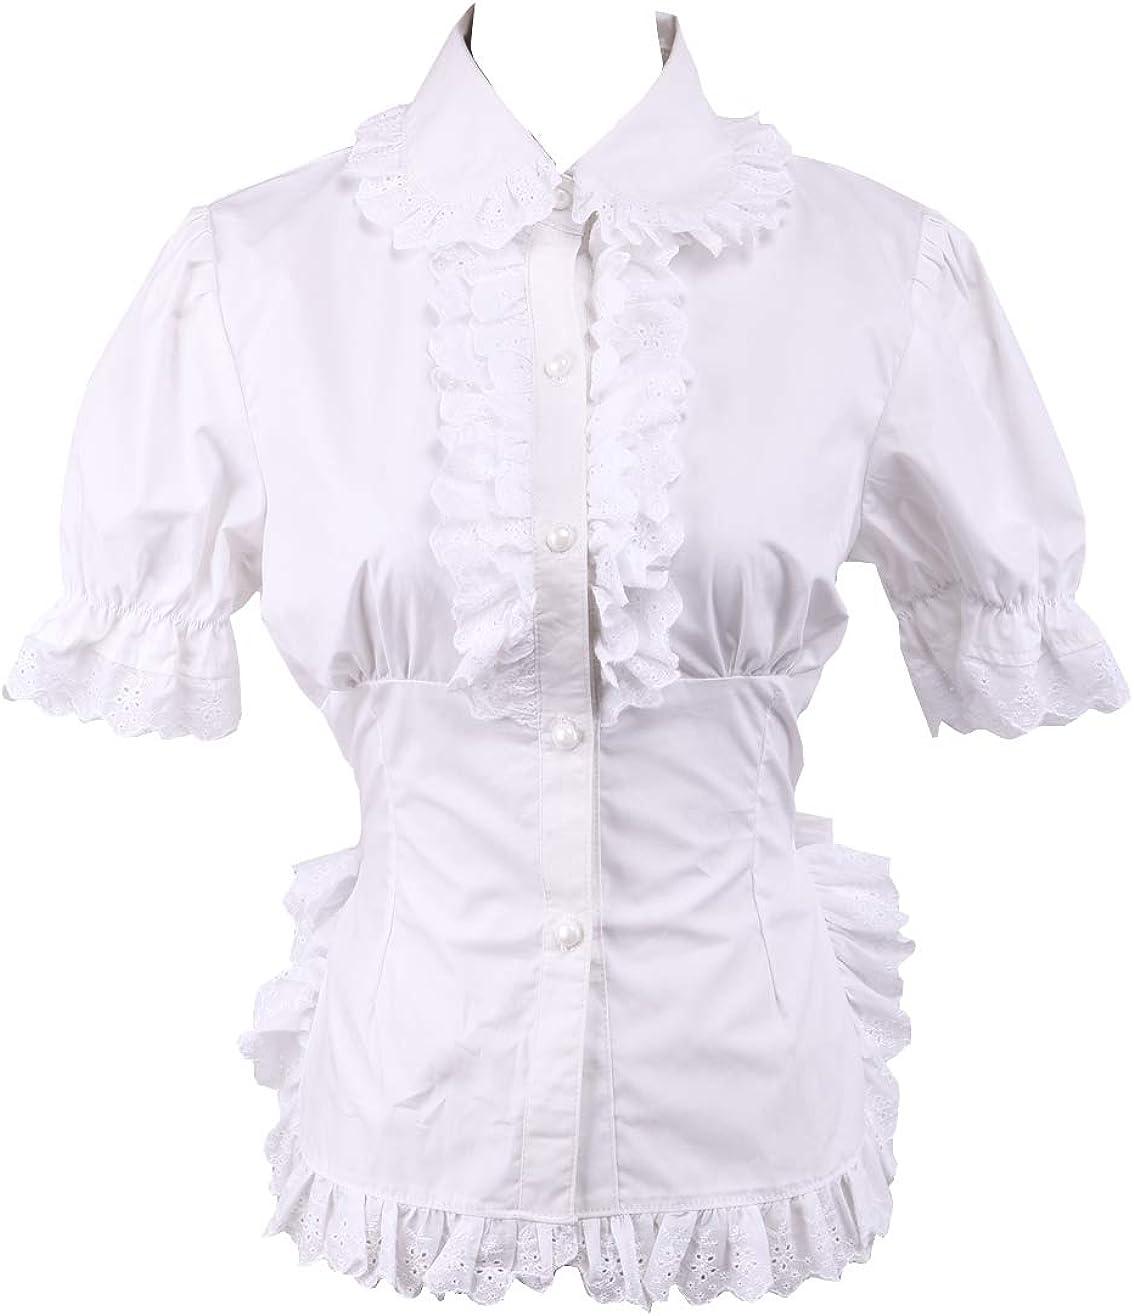 Blanca Algodón Volantes Encaje Victoriana Kawaii Manga de Soplo Lolita Camisa Blusa de Mujer: Amazon.es: Ropa y accesorios